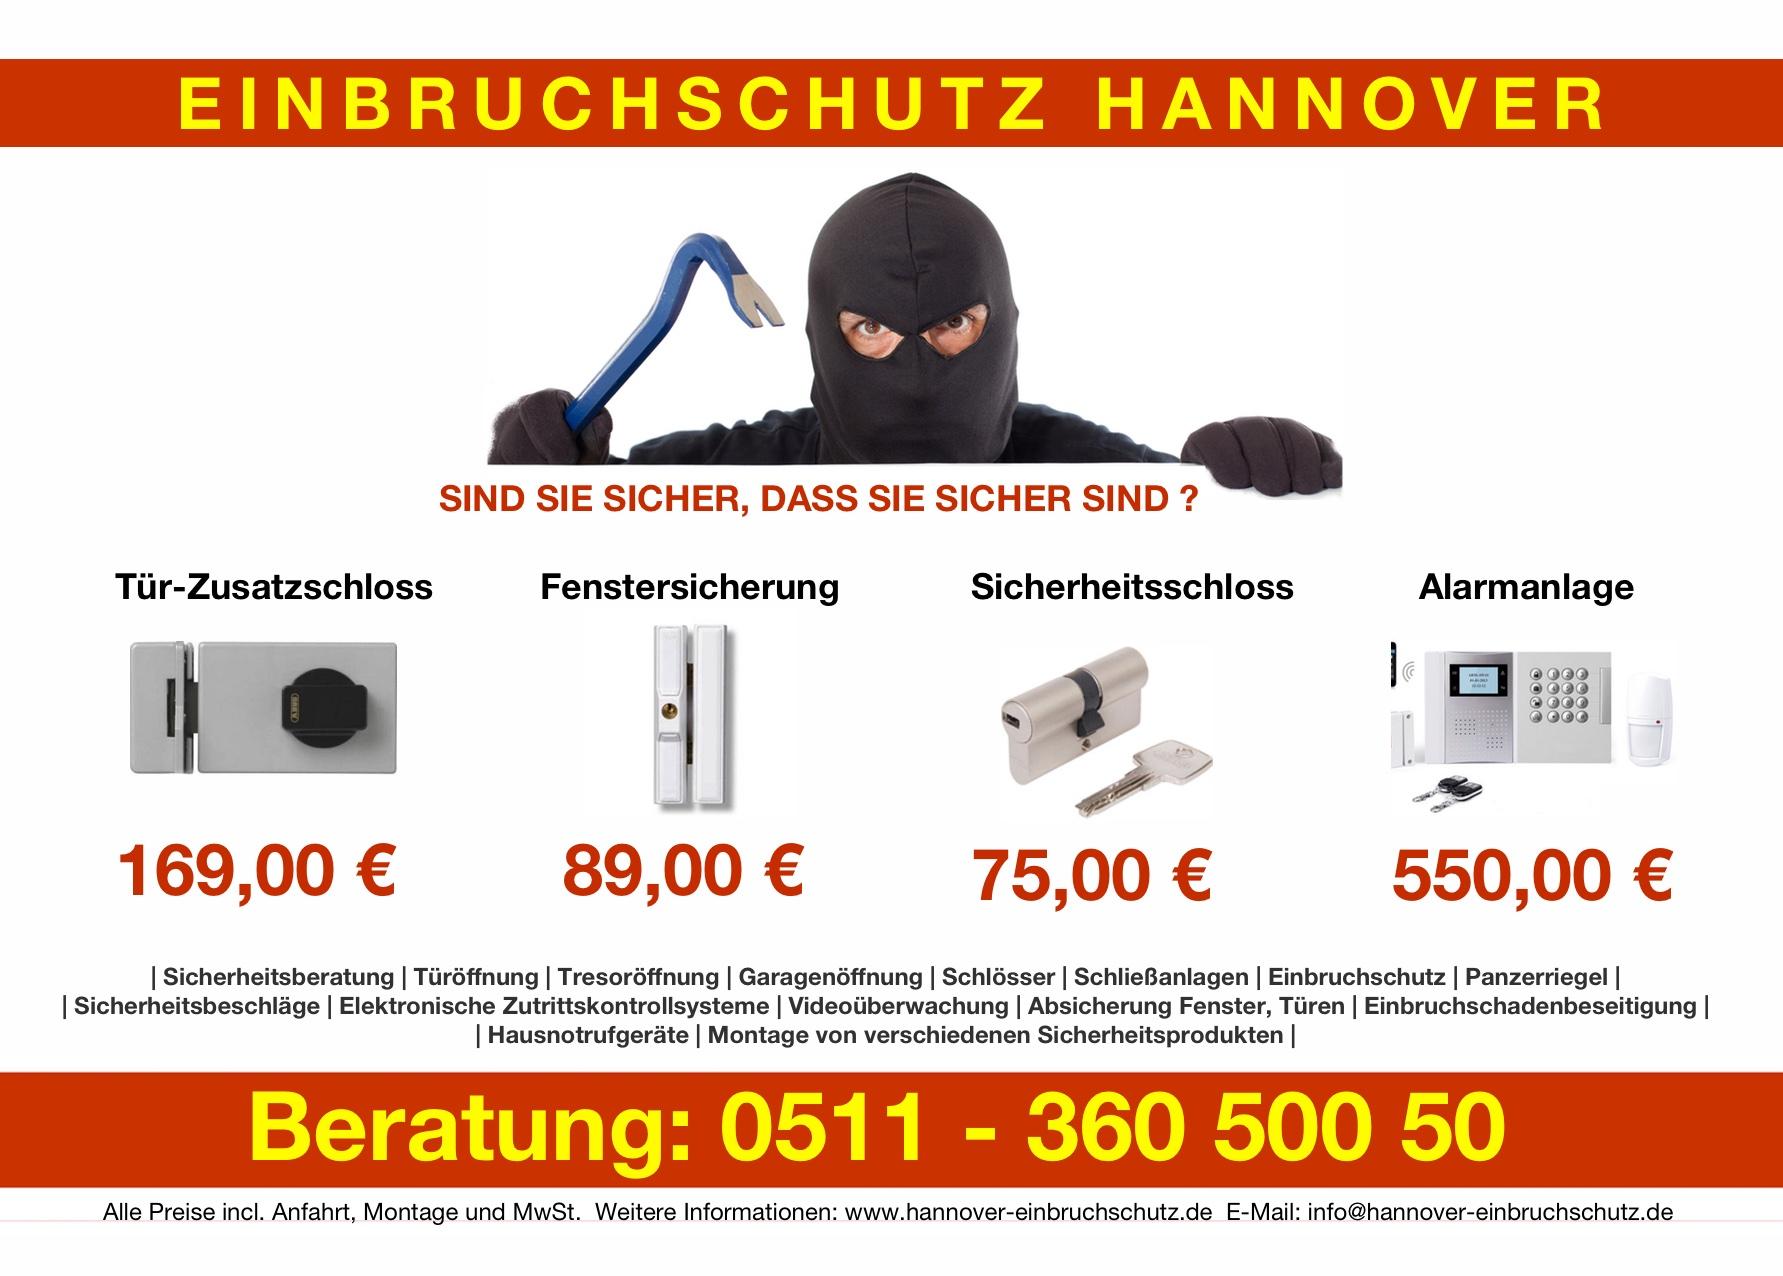 Einbruchschutz Hannover